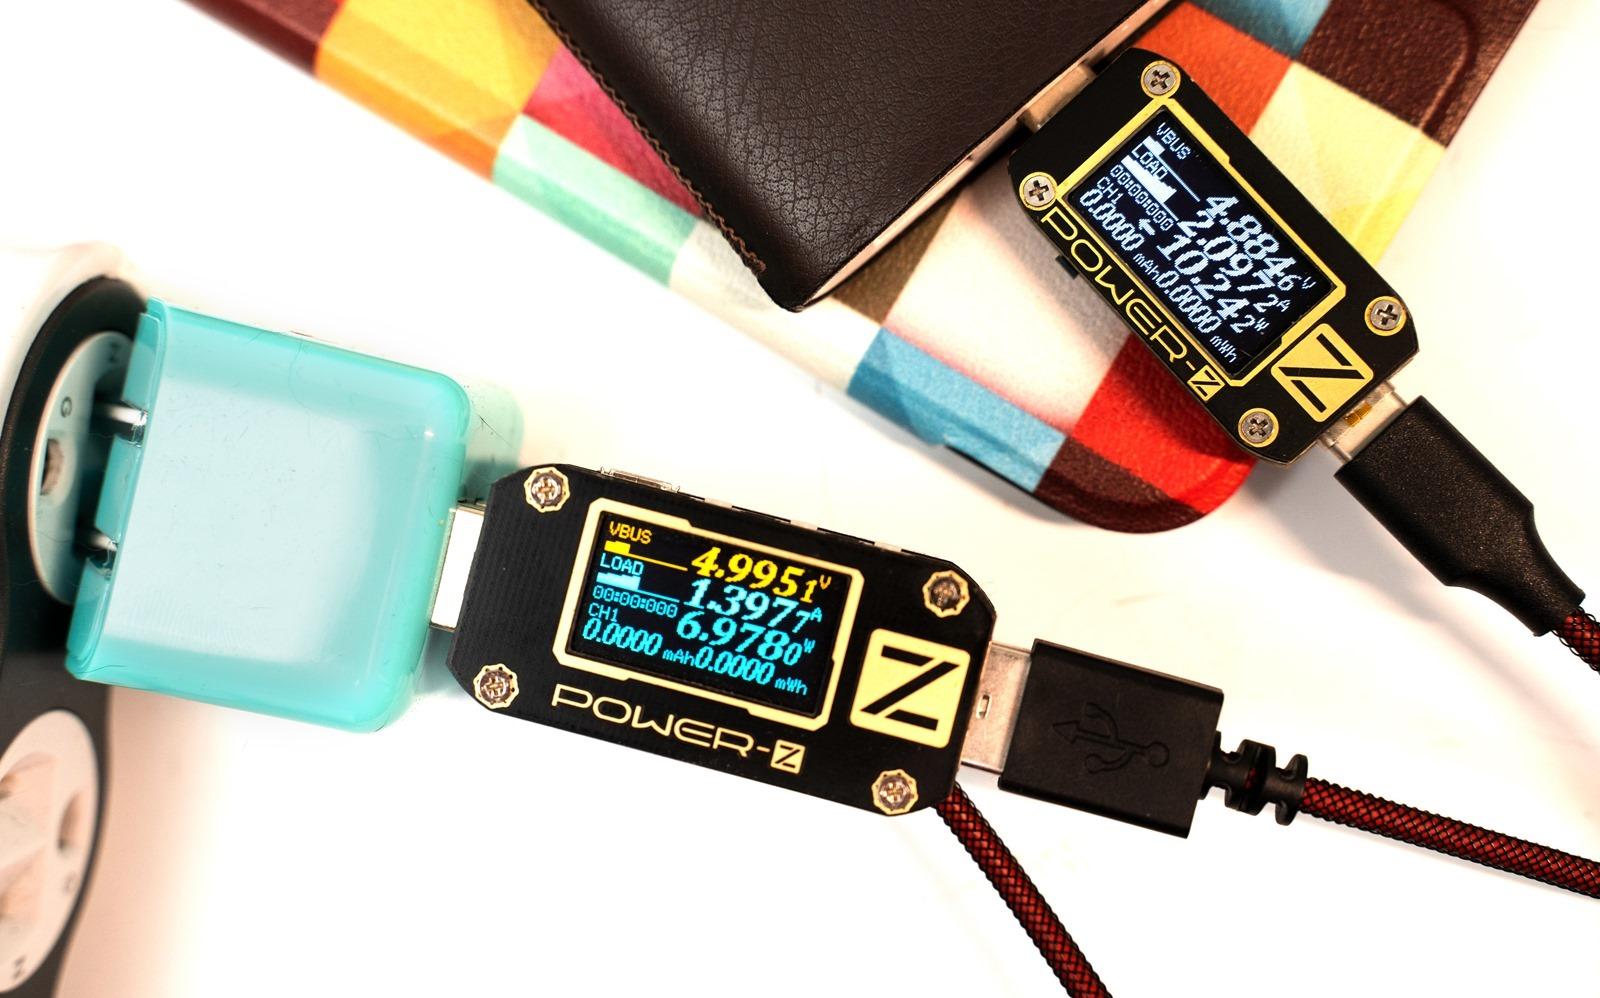 每個人都應該要有一個 ONPRO UC-2P01 Plus,美觀時尚,最大輸出 3.4A 急速快充 @3C 達人廖阿輝